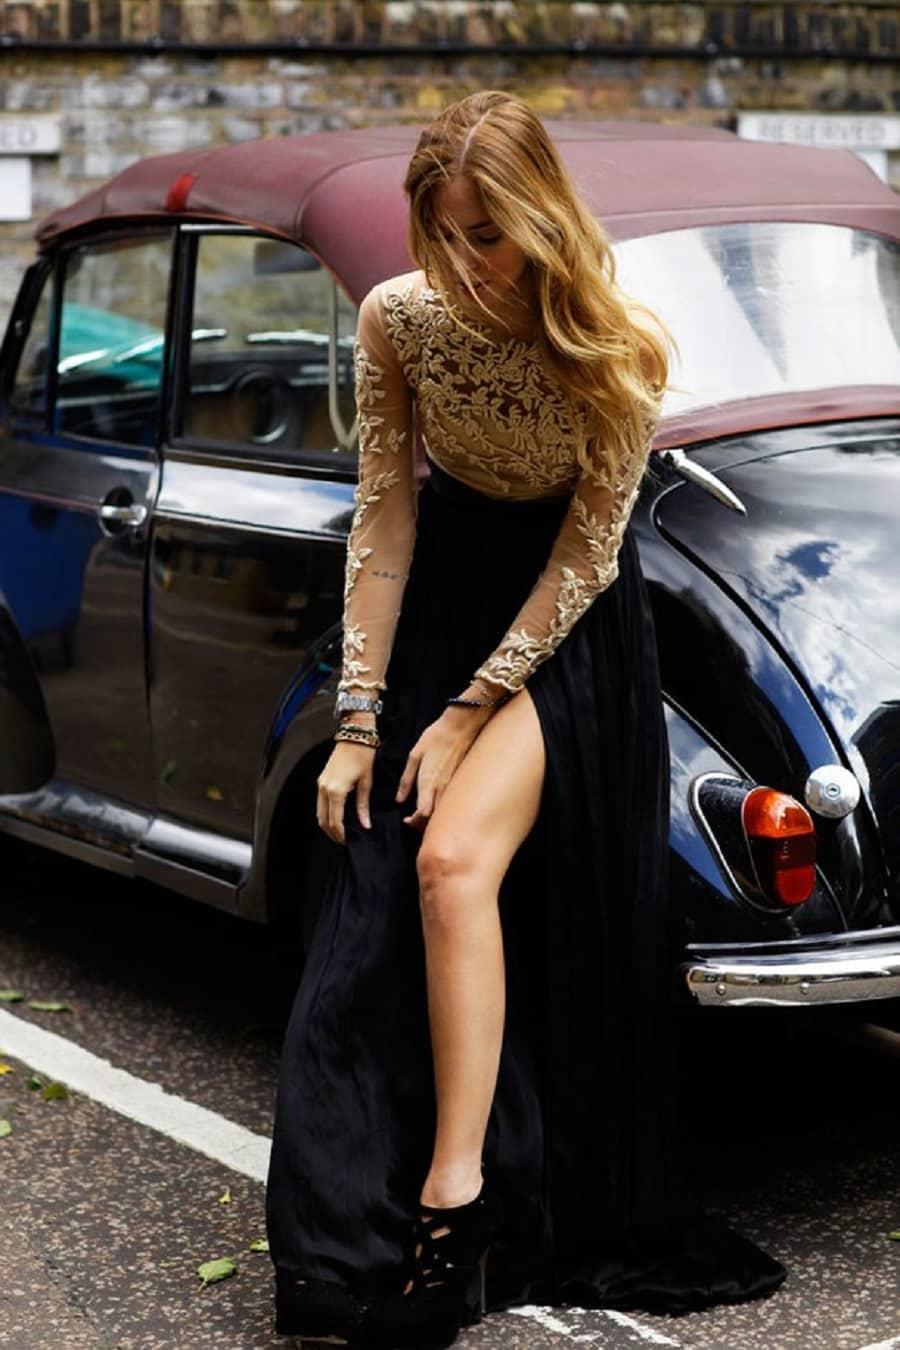 Chiara Ferragni  is a female celebrit y car enthusiast with incredible taste